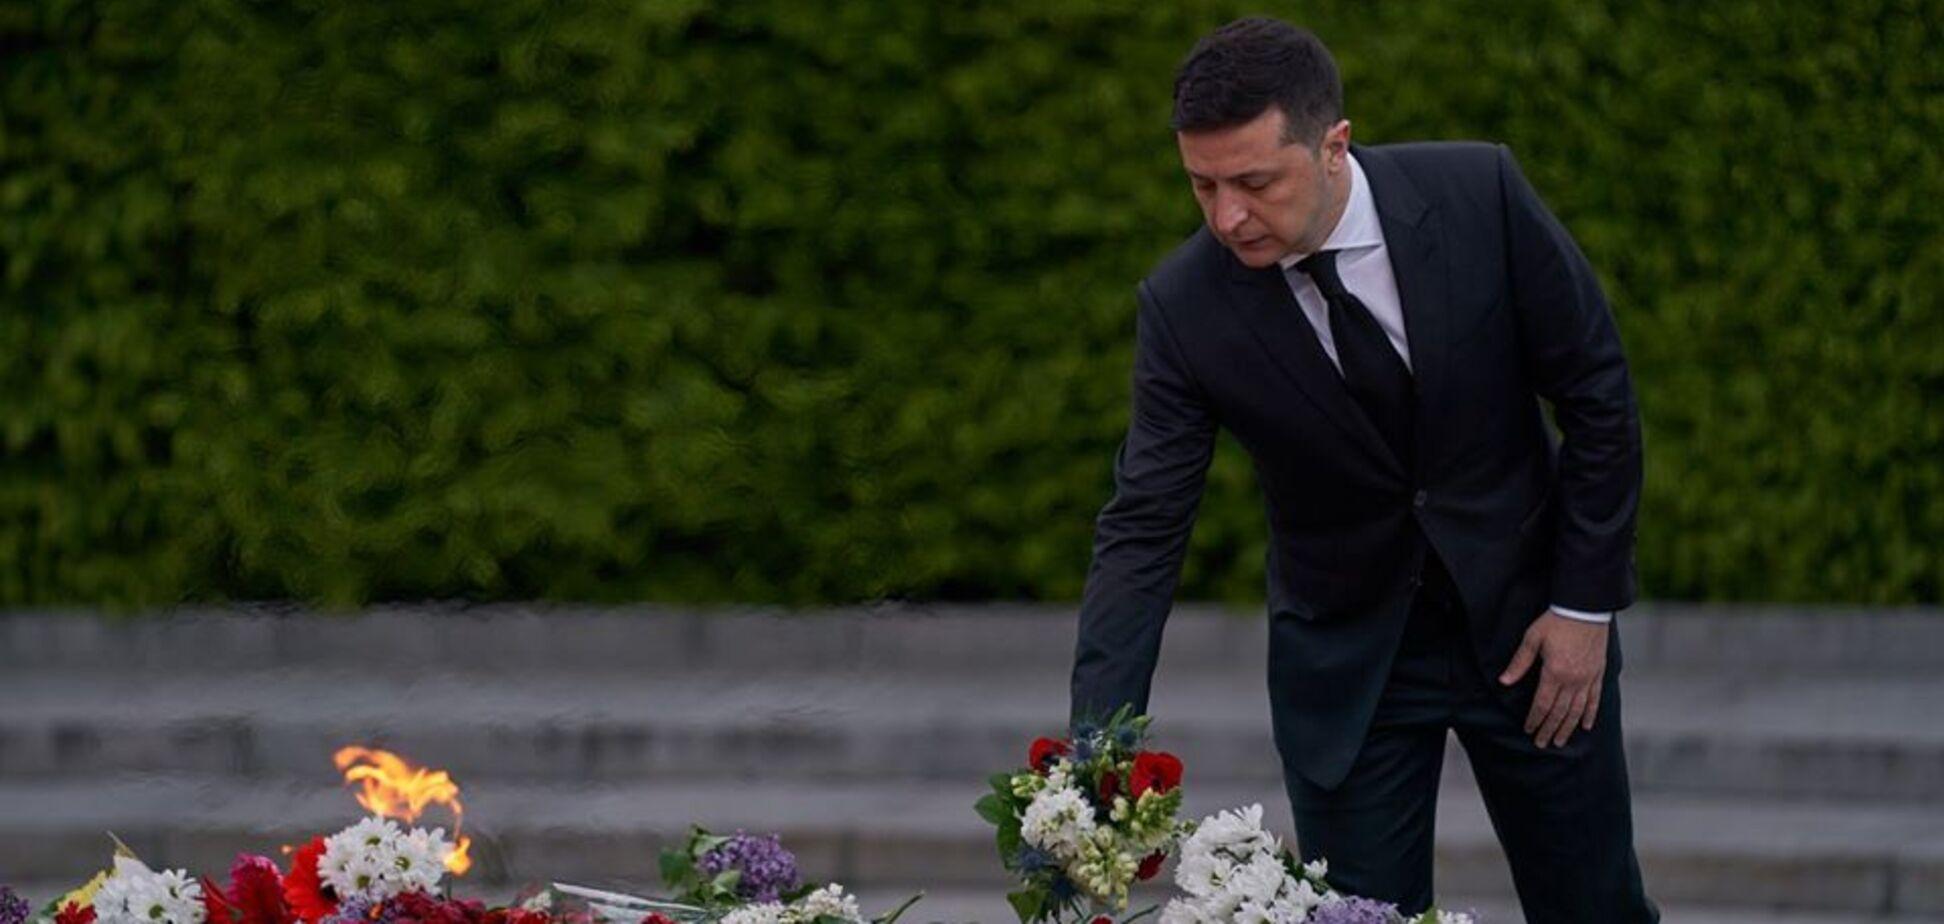 Зеленский возложил цветы к могиле Неизвестного солдата в Киеве. Видео